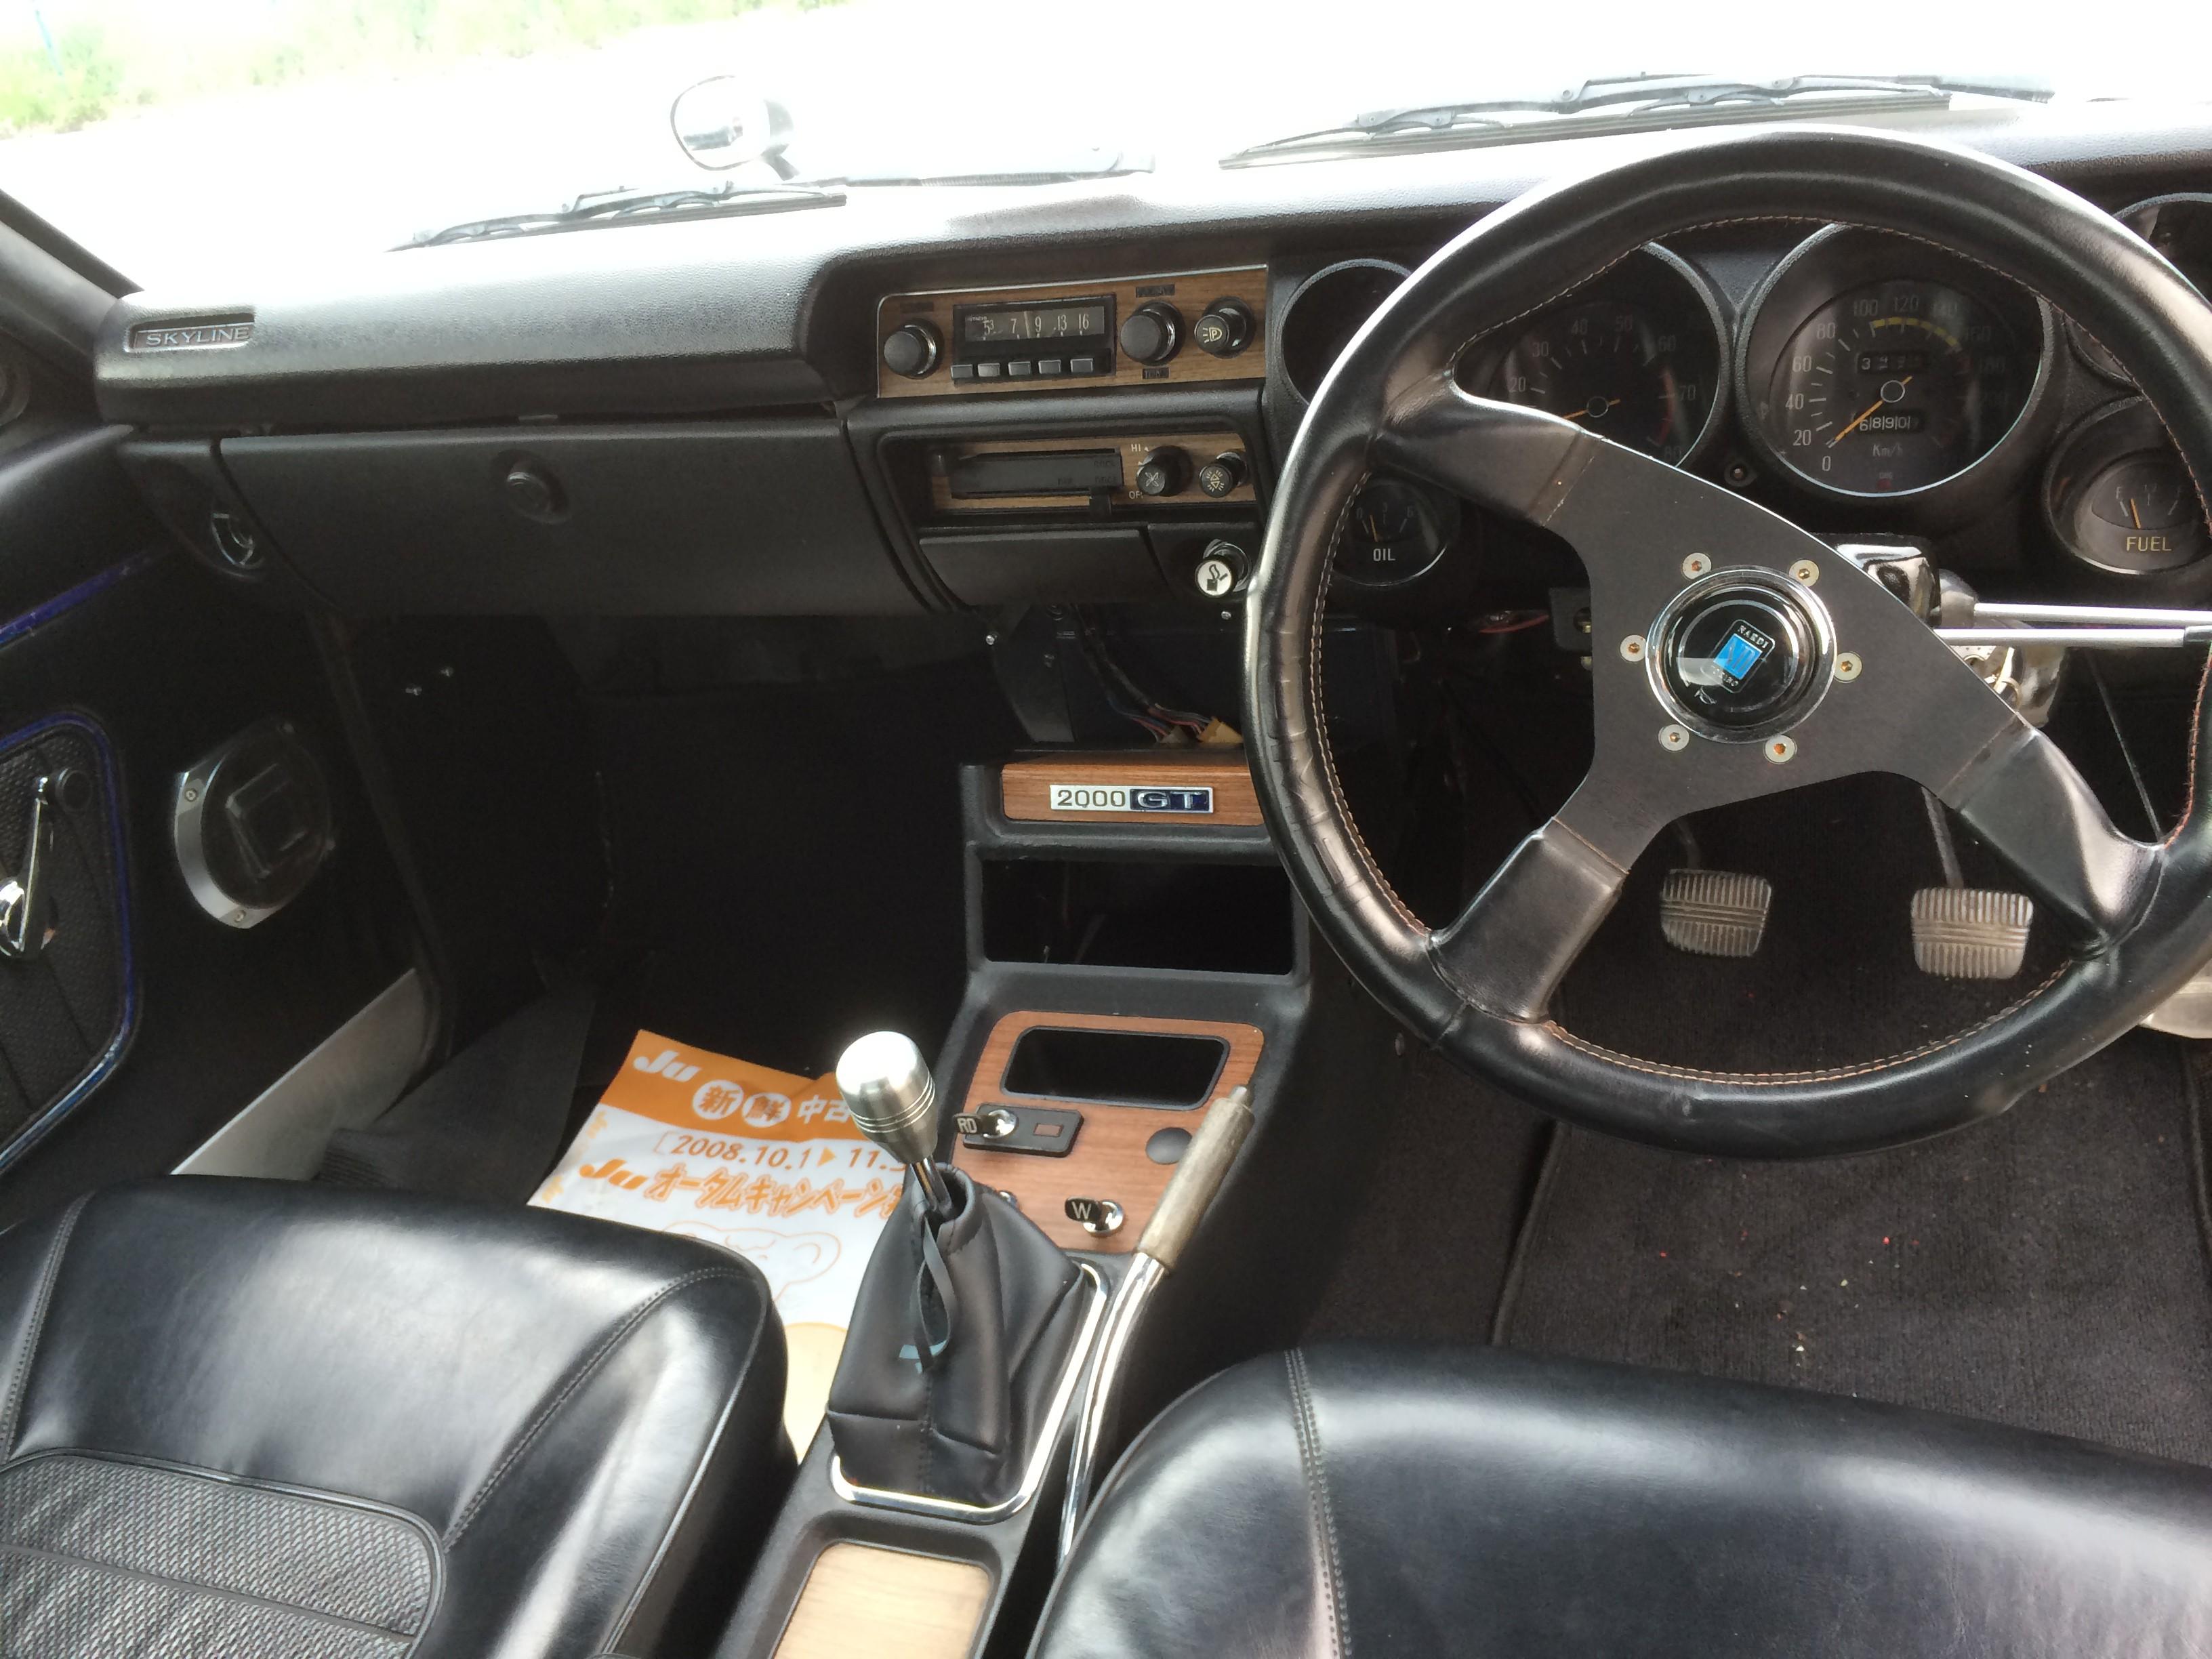 Jdm Cars For Sale >> Skyline Coupe GT Hakosuka KGC10 for sale Haksouka KGC10 GT ...